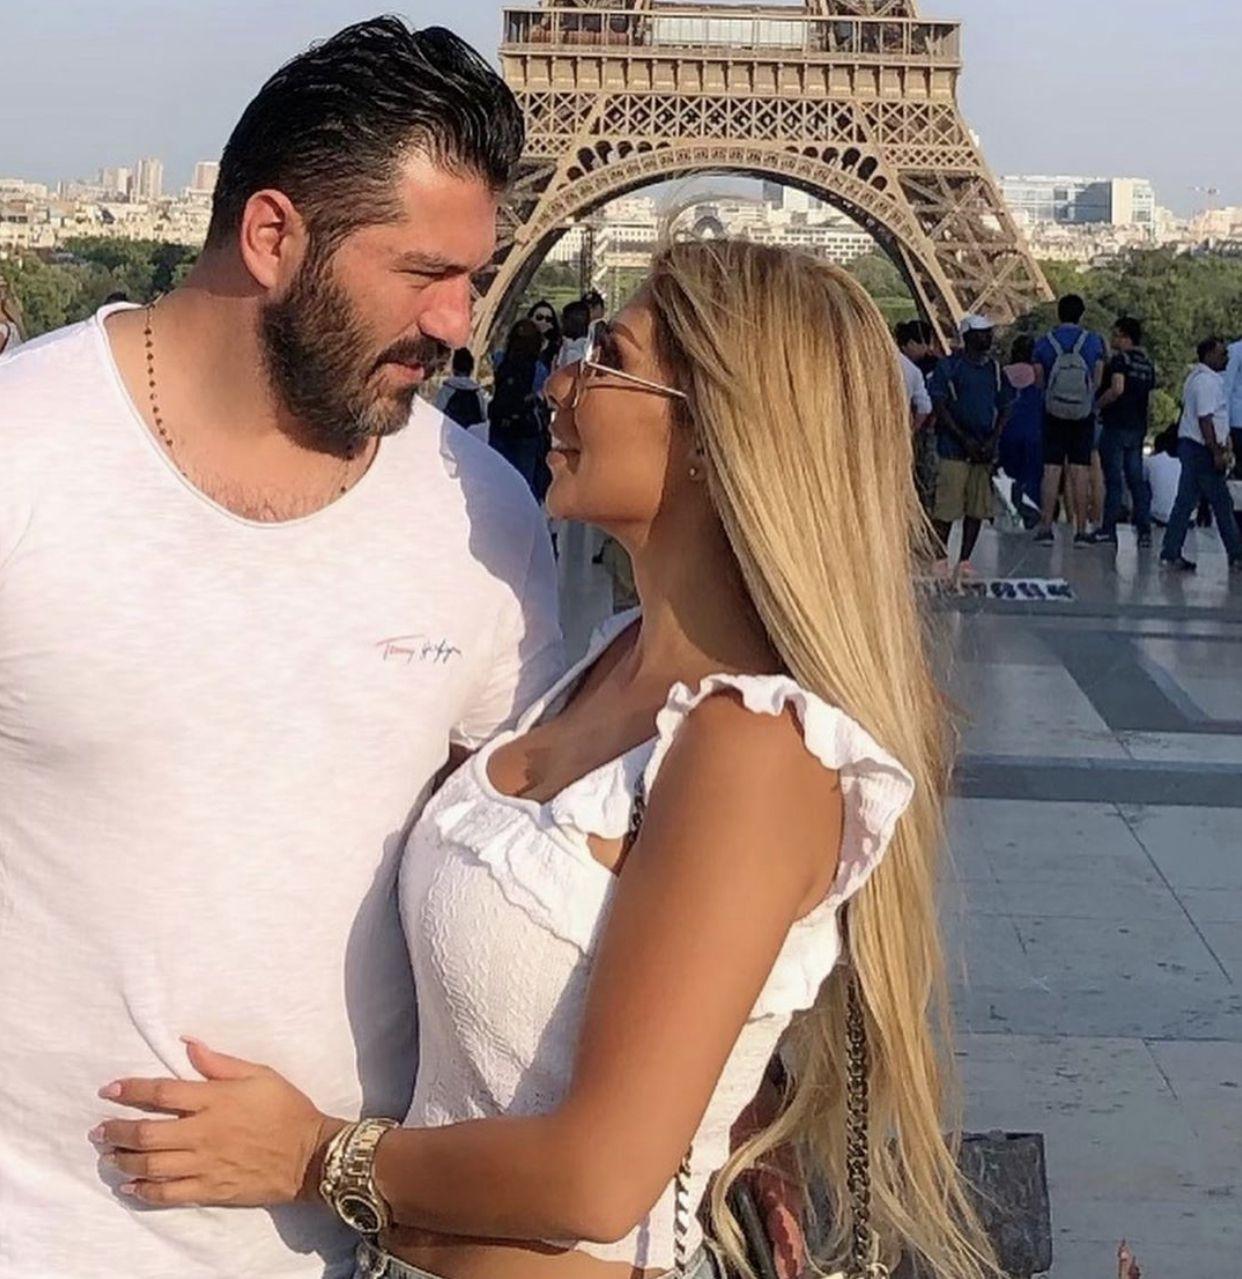 يزن السيد بصورة رومانسية مع زوجته